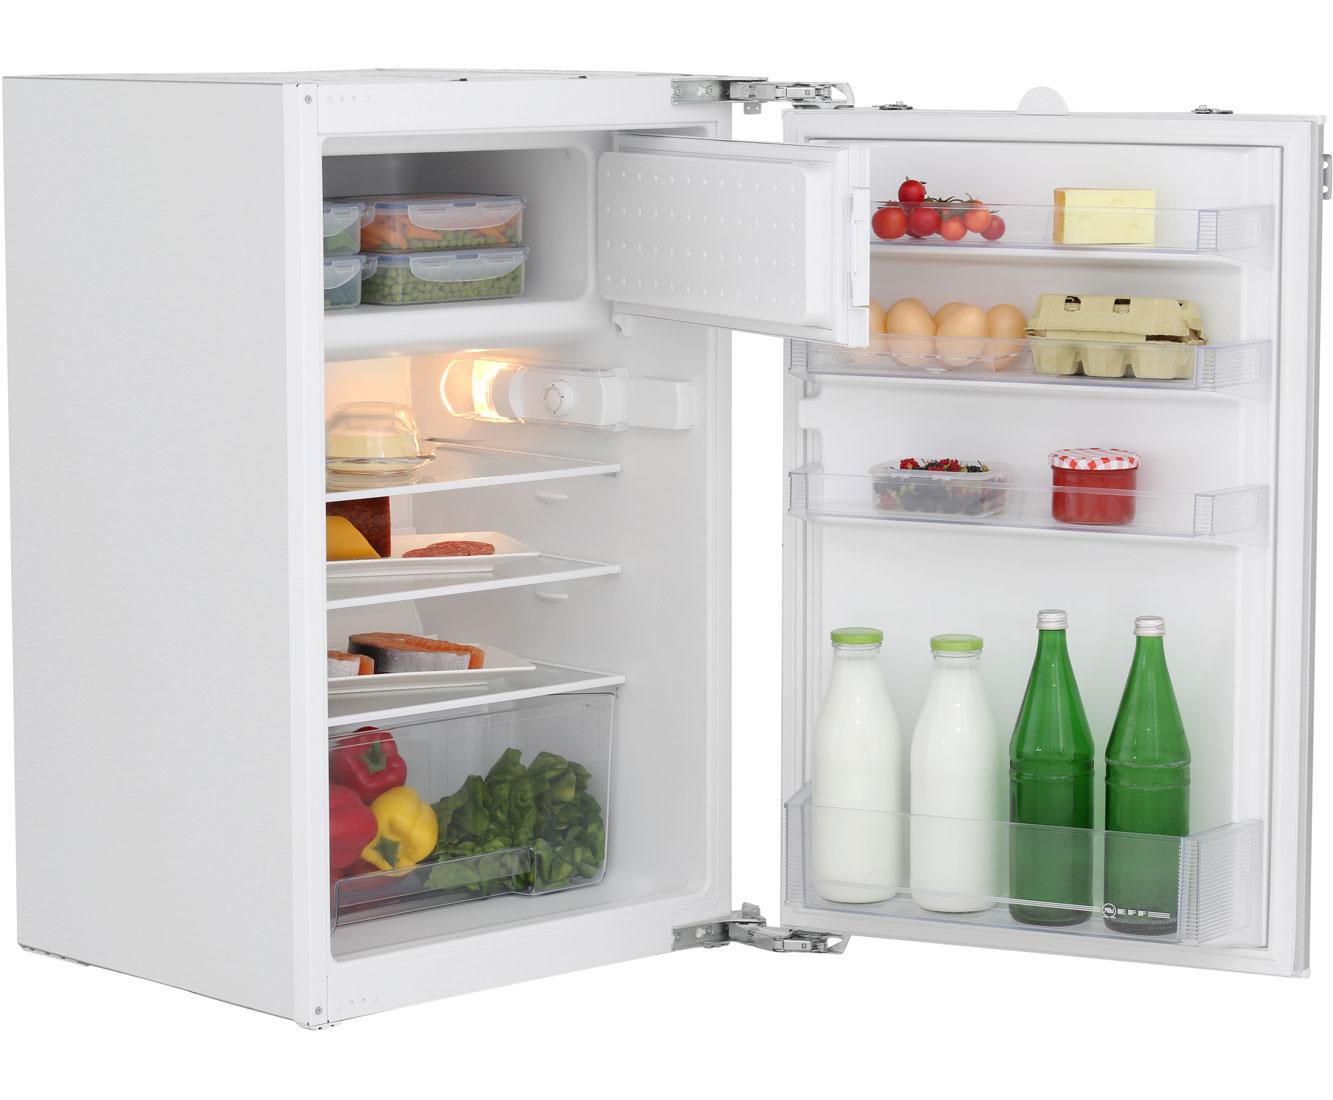 Kühlschrank Neff Zubehör : Neff k a k einbau kühlschrank mit gefrierfach er